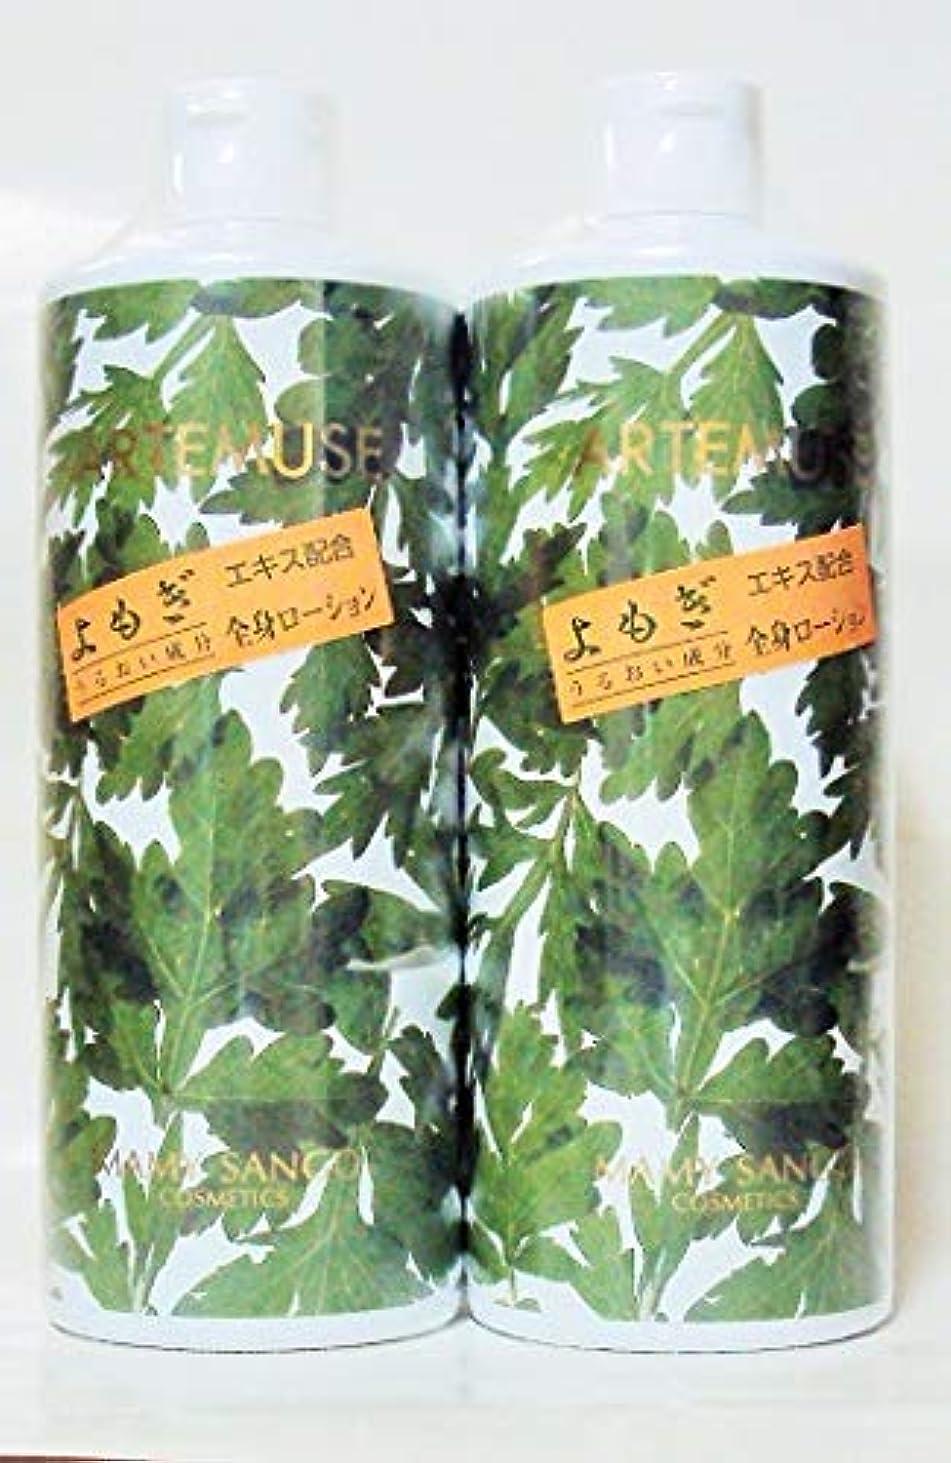 ぼろケーキ自発マミーサンゴ薬用ローショーン500ml(2本セット価額)